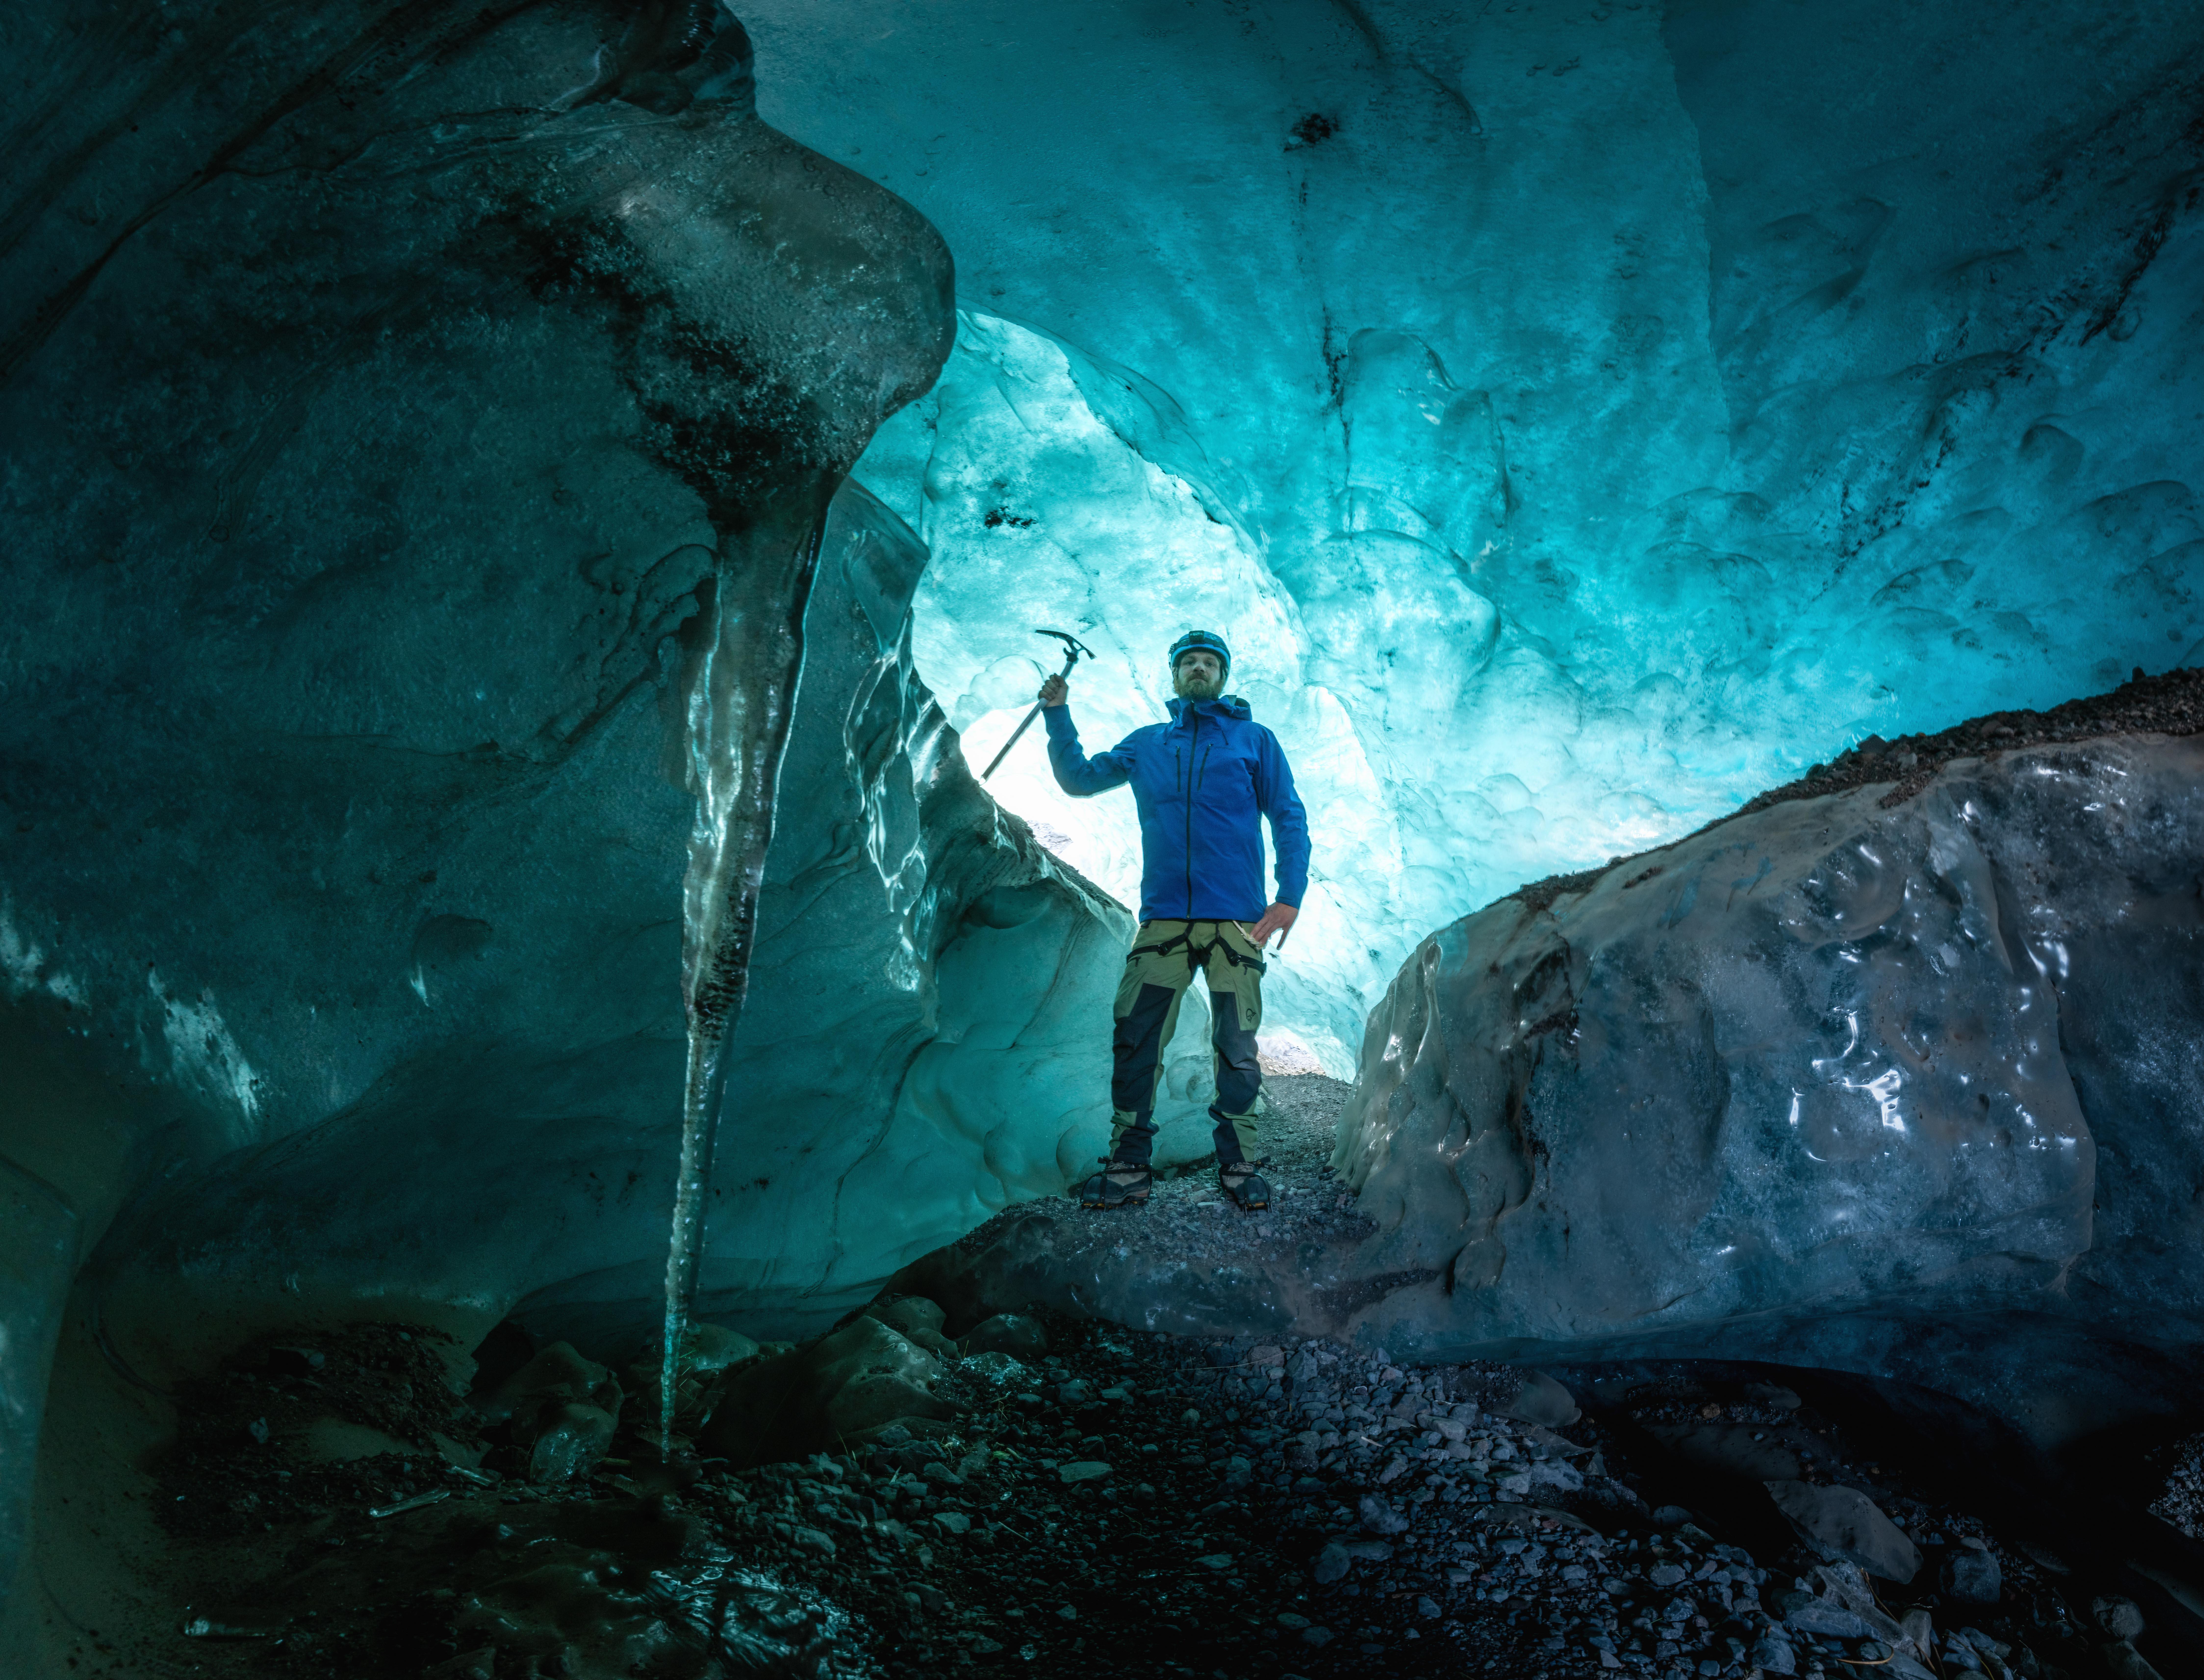 2일간의 남부해안 및 얼음동굴 탐험 | 빙하하이킹, 요쿨살론, 오로라